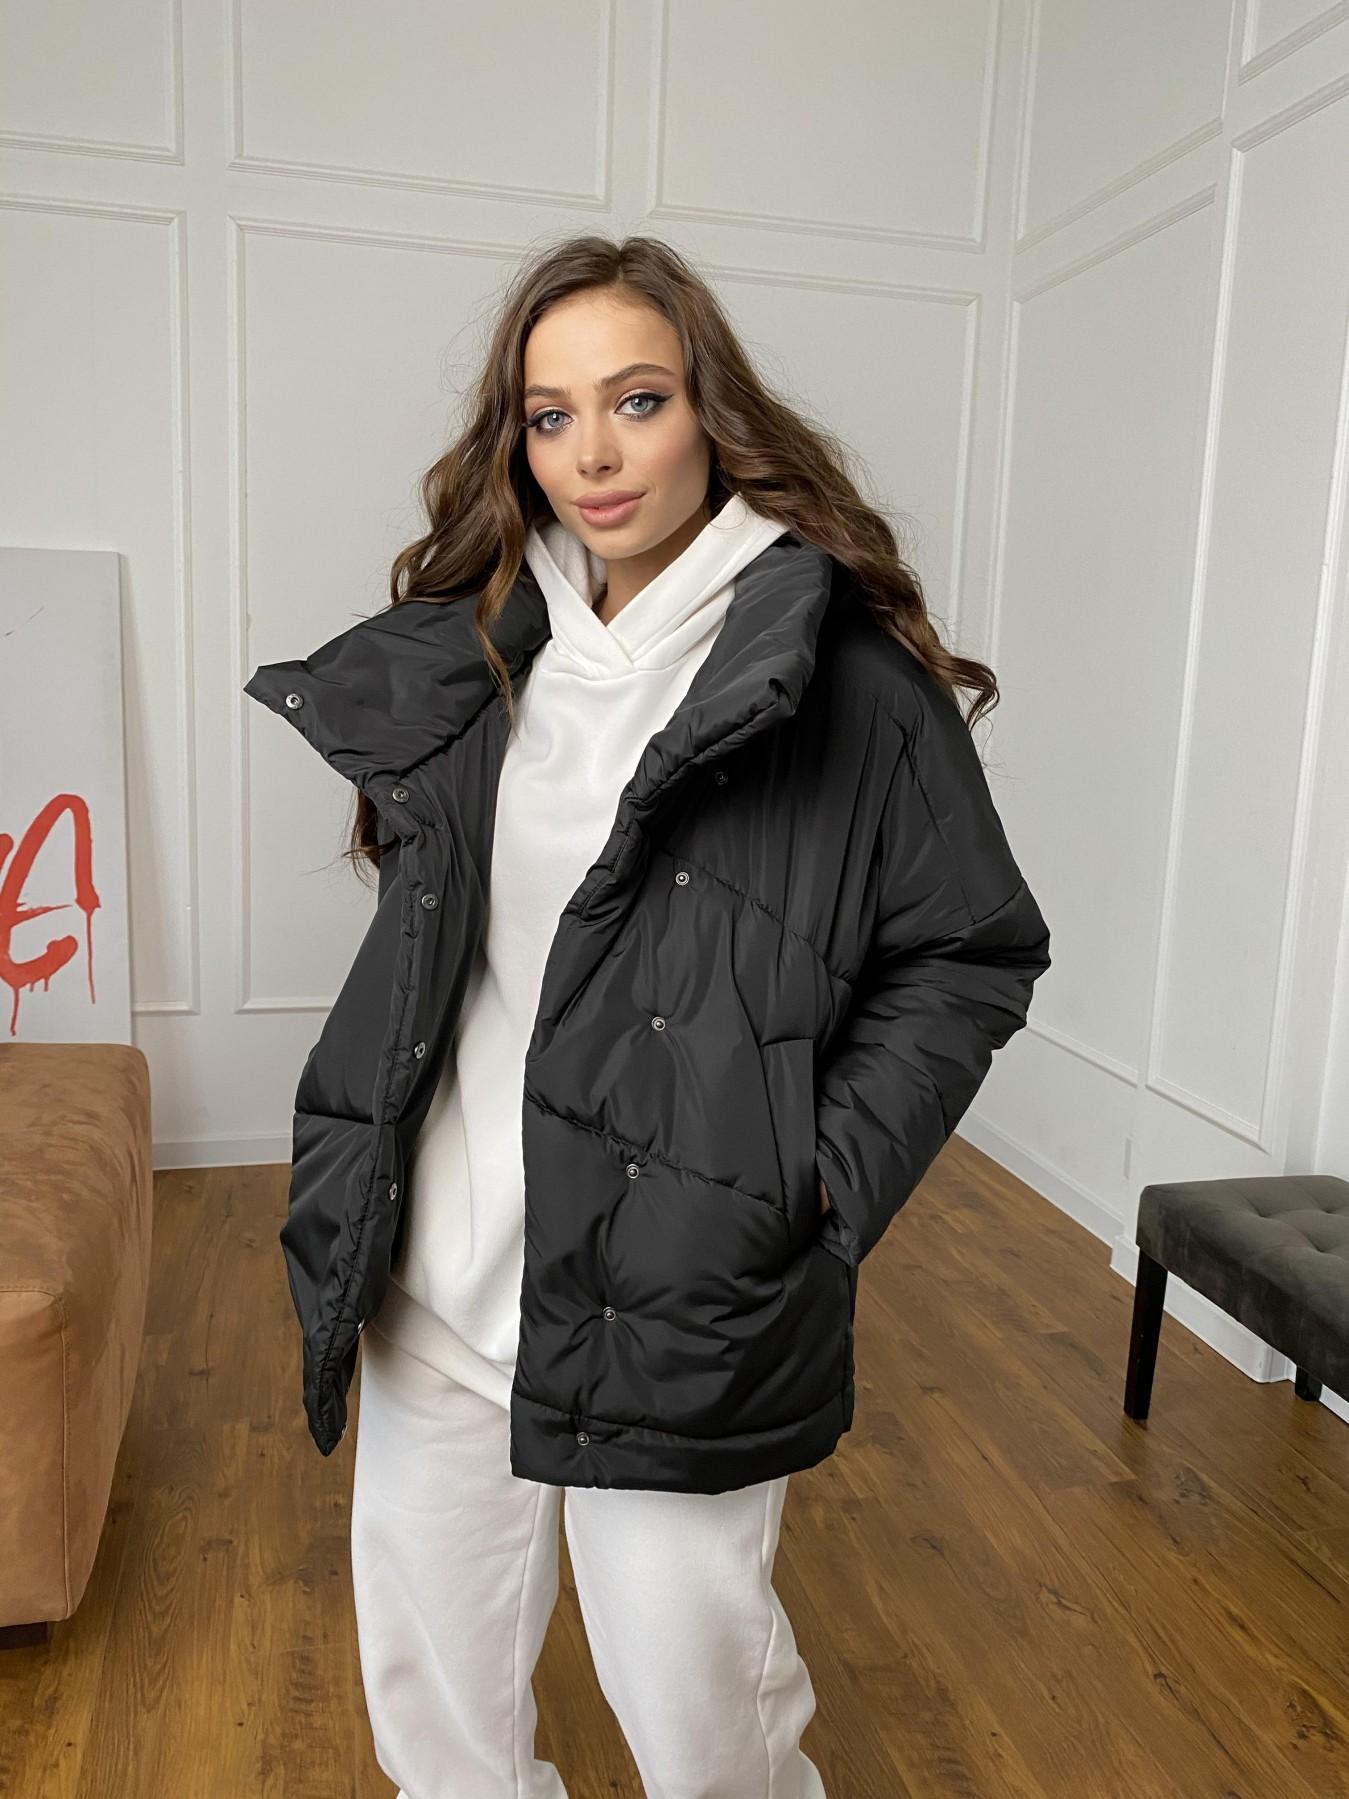 Уно куртка плащевка Ammy 10671 АРТ. 47399 Цвет: Черный - фото 11, интернет магазин tm-modus.ru